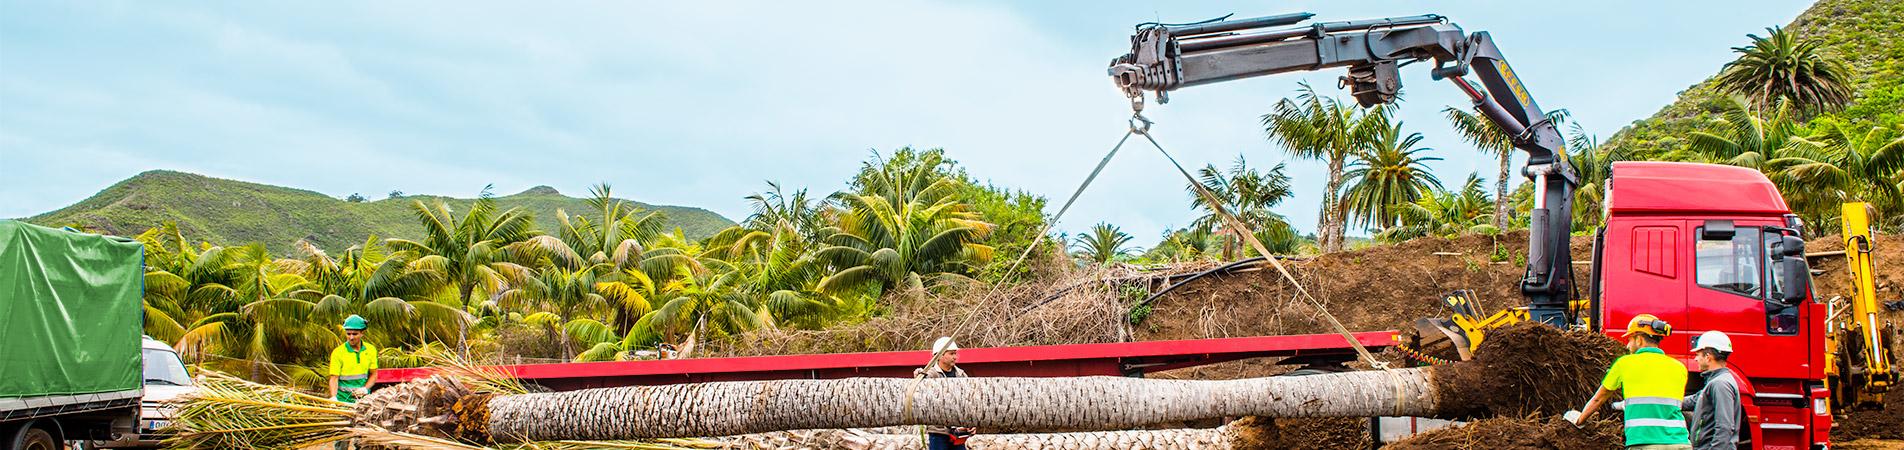 Tecnicos agricolas dirigiendo el proceso de trasplante con grua de un gran ejemplar de palmera dactilifera en un vivero de Valle Guerra